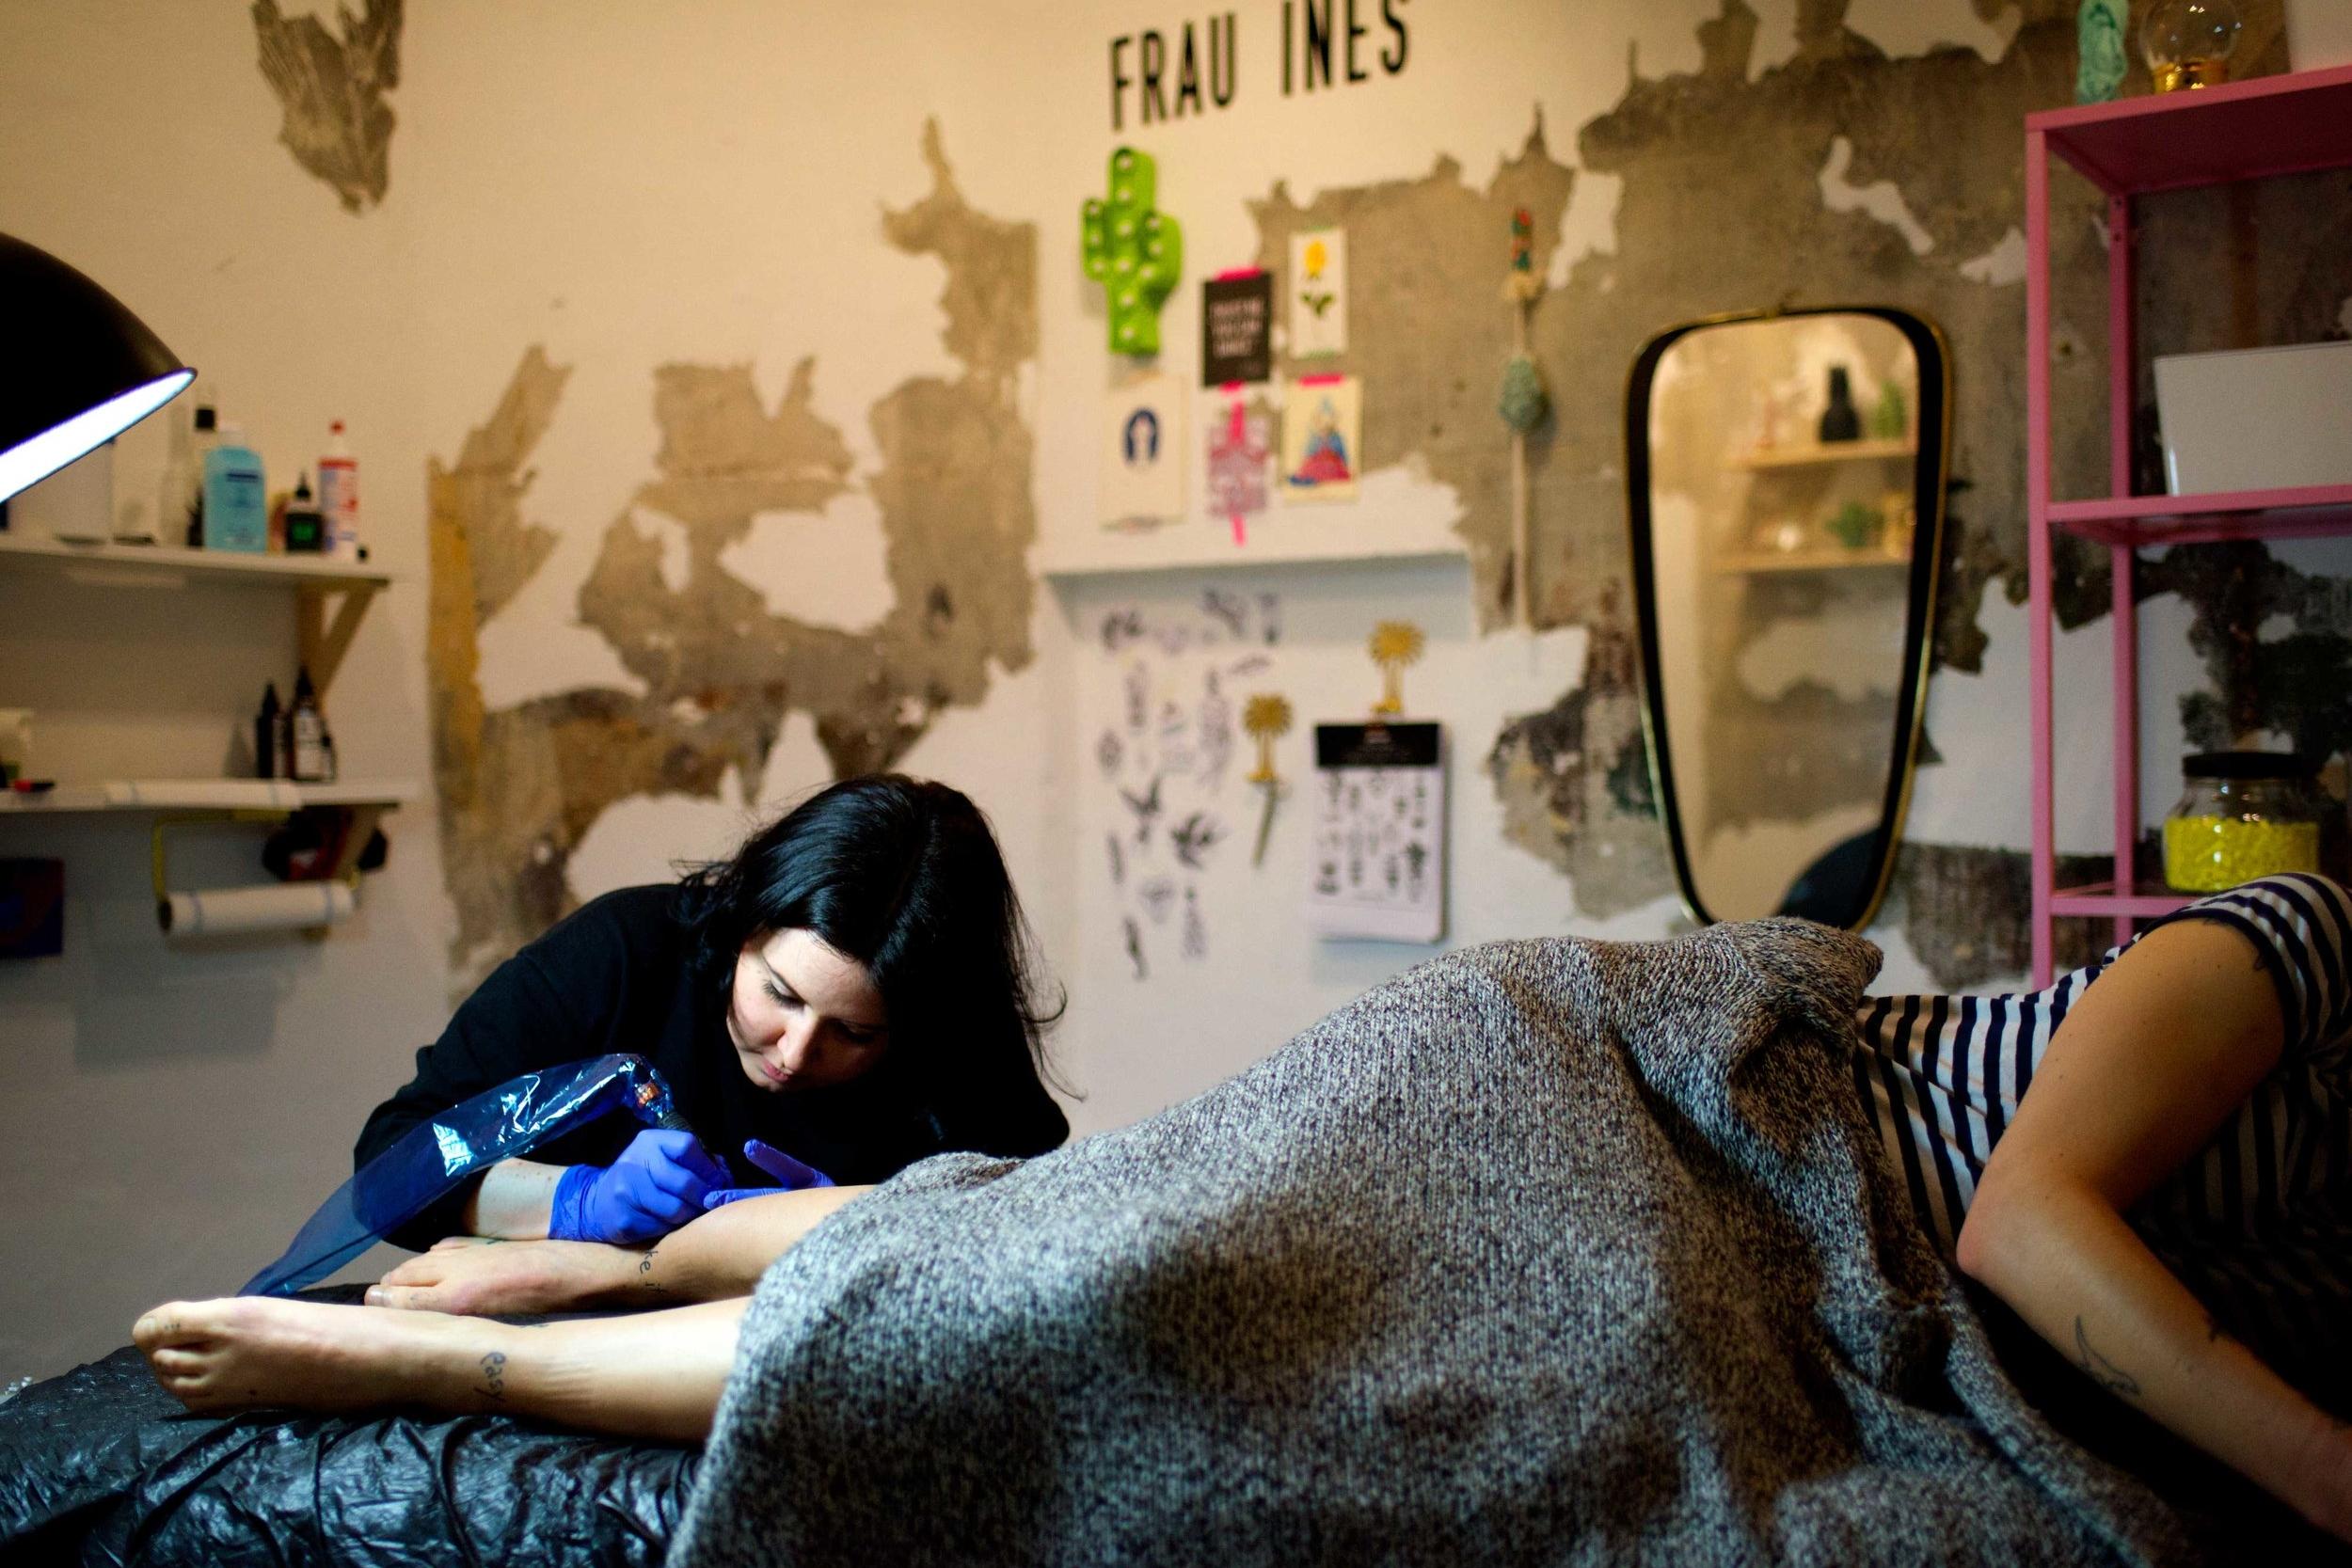 Frau Ines Tattoos